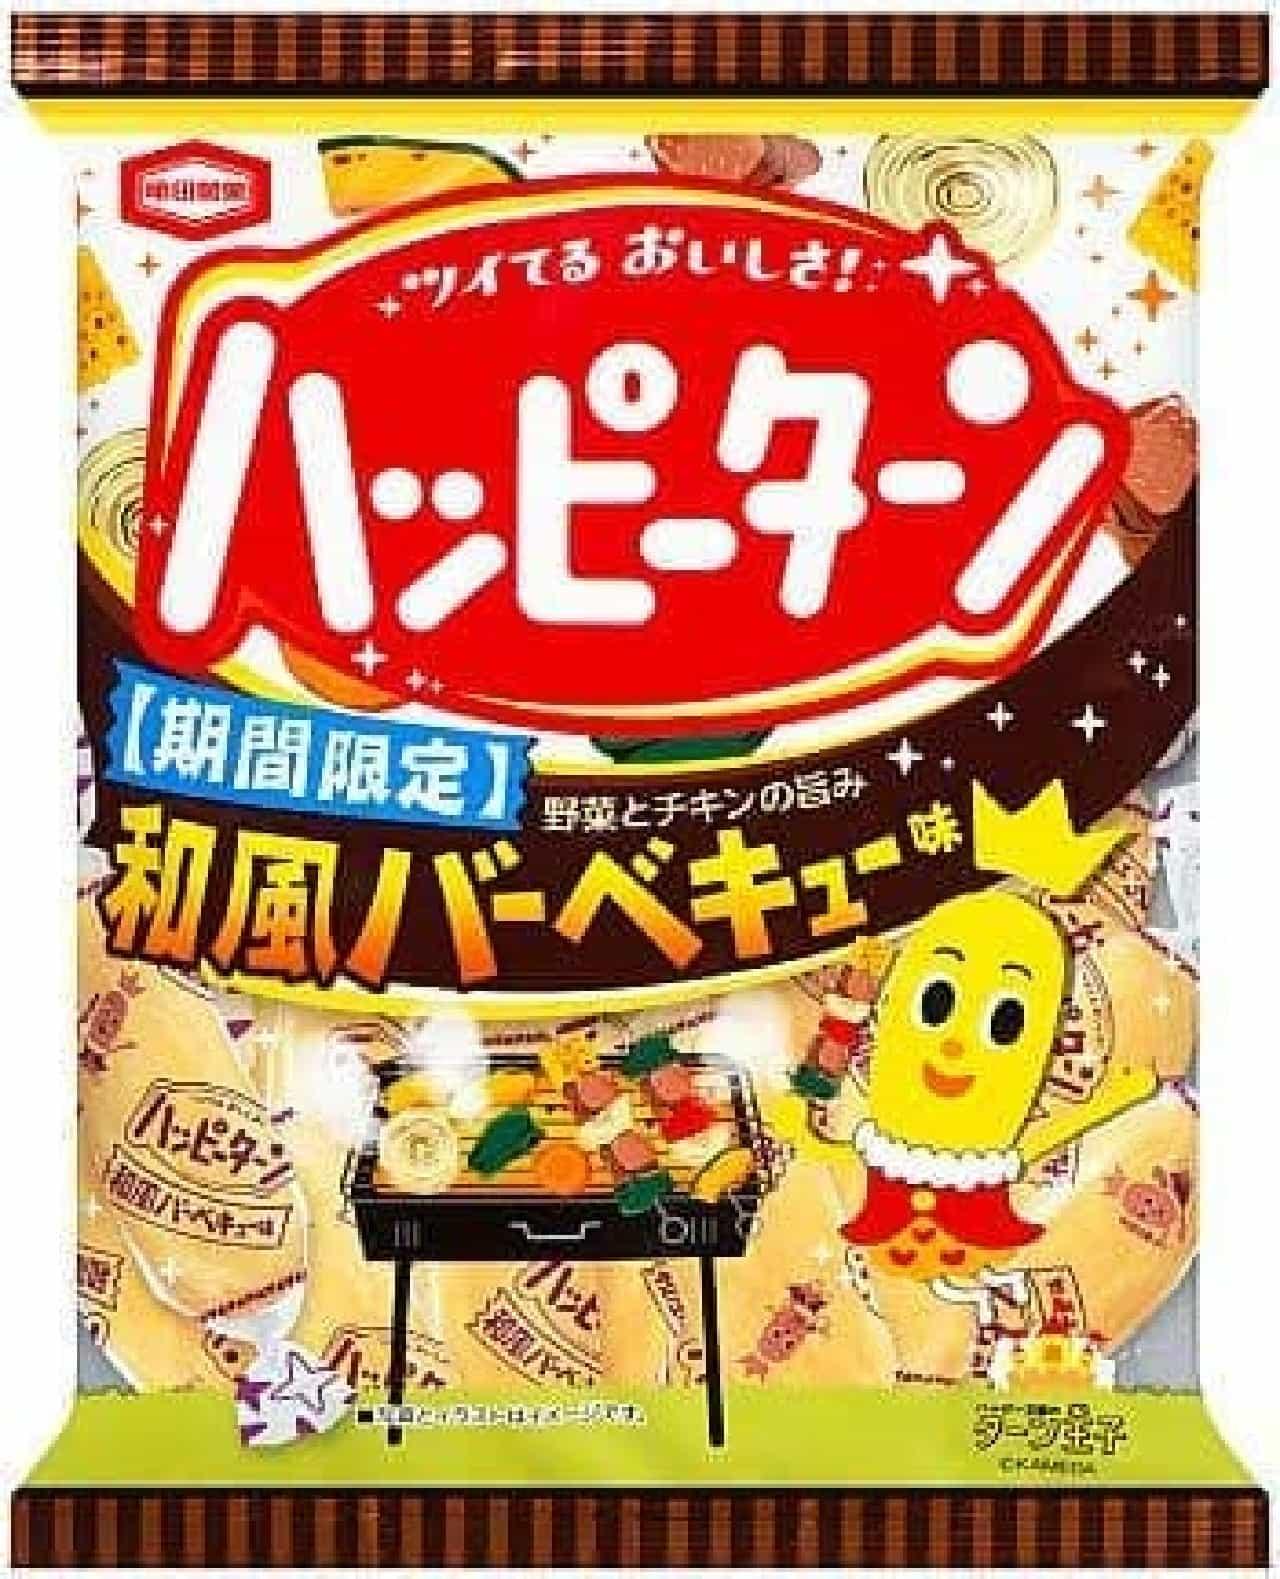 亀田製菓「96g ハッピーターン 和風バーベキュー味」